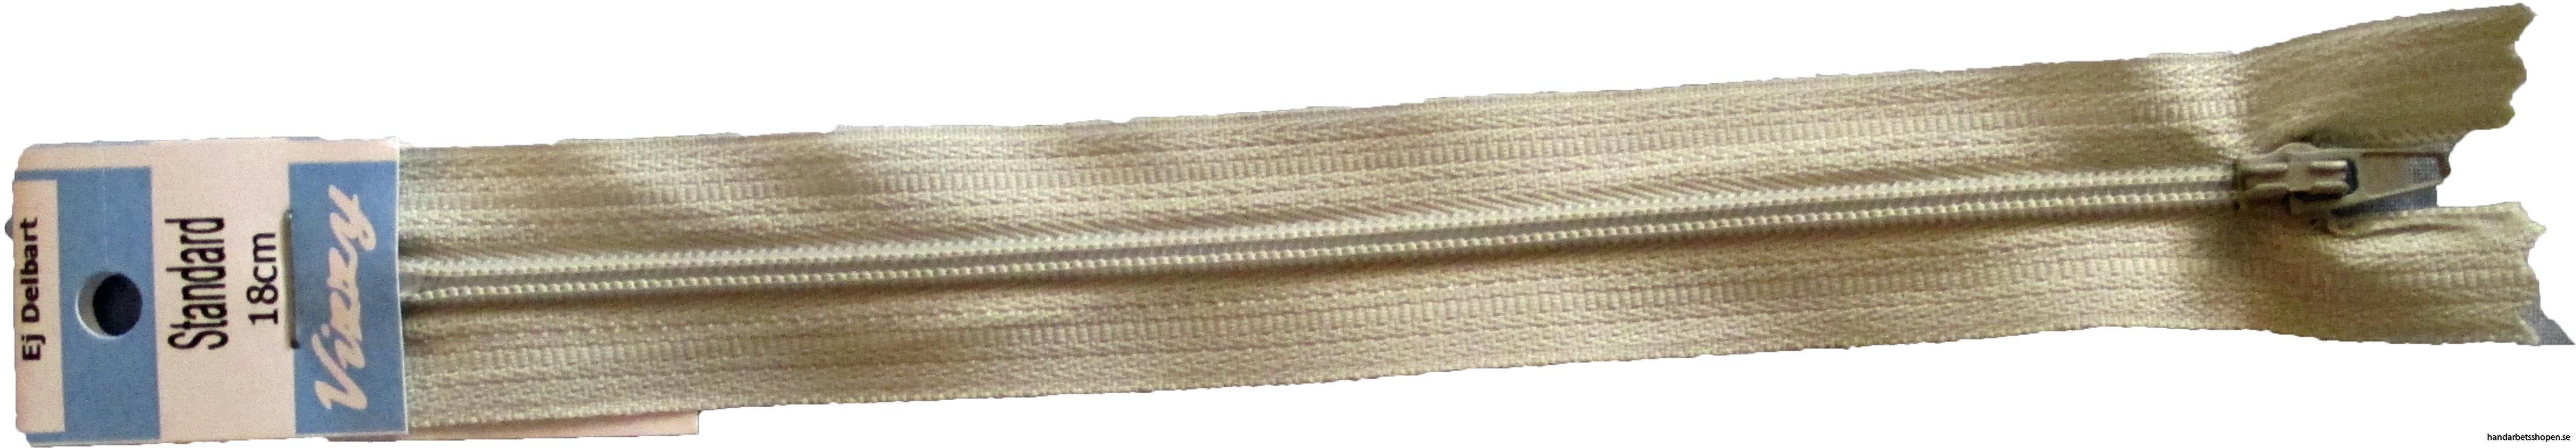 Blixtlås 18 mm ljusgrå